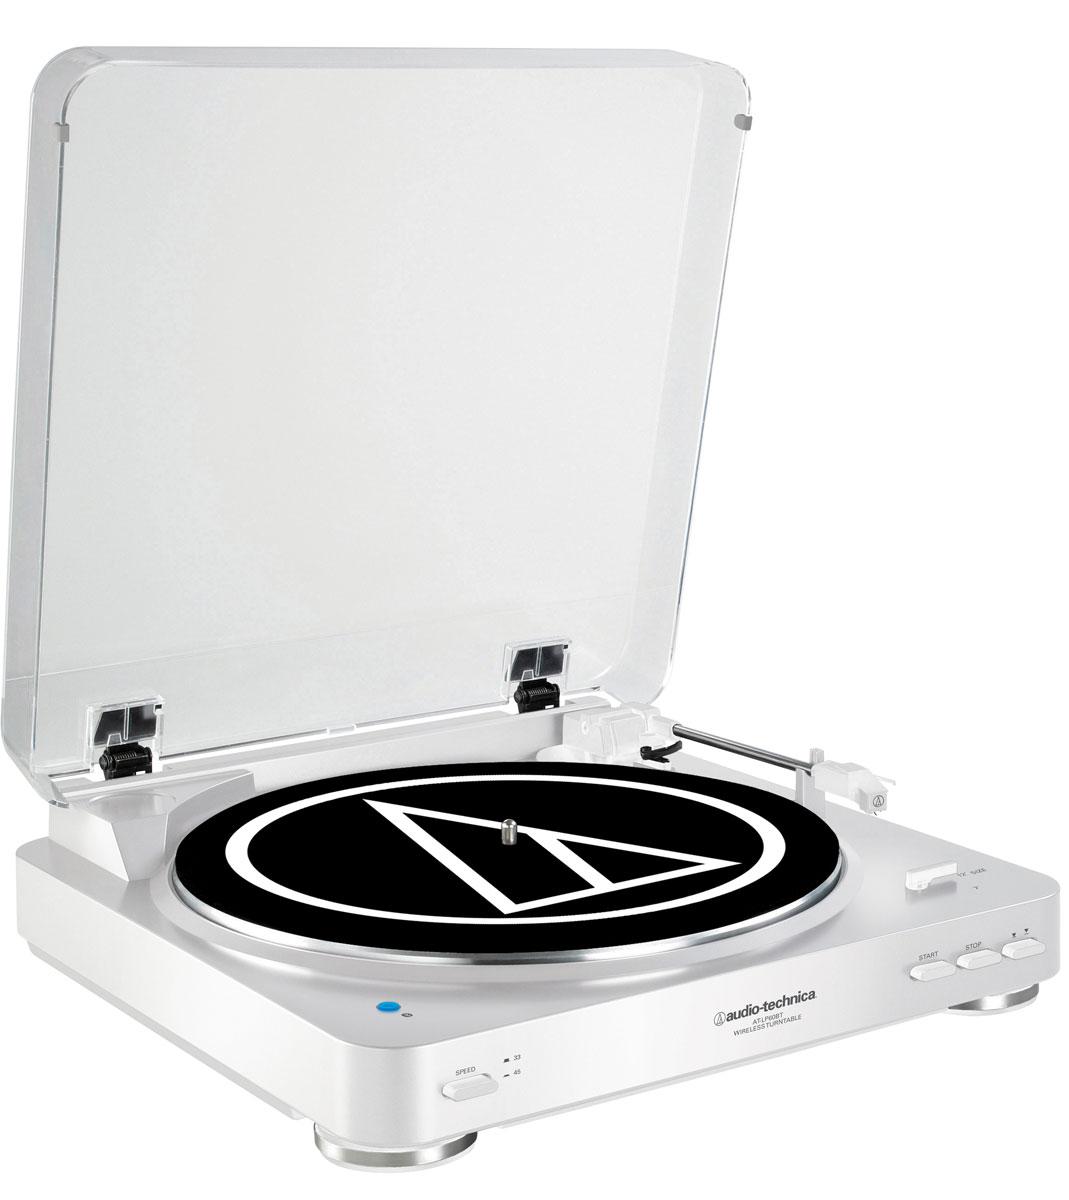 Audio-Technica AT-LP60BT, White проигрыватель виниловых дисков15118424Audio-Technica AT-LP60BT - это полностью автоматический проигрыватель виниловых пластинок с поддержкой Bluetooth, привносящий легендарное звучание Audio-Technica в мир беспроводных соединений.Данная модель обеспечит выдающийся звук с легкость в автоматическом режиме: просто нажмите кнопку Пуск, чтобы начать воспроизведение записи, и кнопку Стоп, чтобы поднять и вернуть тонарм и выключить поворотный стол. Кнопка подъема тонарм также включена, чтобы позволить вам поднимать и опускать тонарм без остановки проигрывателя.Беспроводное подключение к устройствам, поддерживающим протокол Bluetooth (колонки, наушники, ресиверы)Проводное подключение к аудиосистемам и колонкам через двойной RCA-кабельВстроенный предусилитель с функцией отключенияАнтирезонансный литой опорный диск из алюминияВстроенный звукосниматель AT3600L с двумя подвижными магнитами, оснащённый съёмной алмазной иглойТип звукоснимателя: VM Мотор DC с сервоприводом Спецификация Bluetooth v3,0, Power Class 2, A2DPРадиус действия 10 мПоддержка кодека SBC